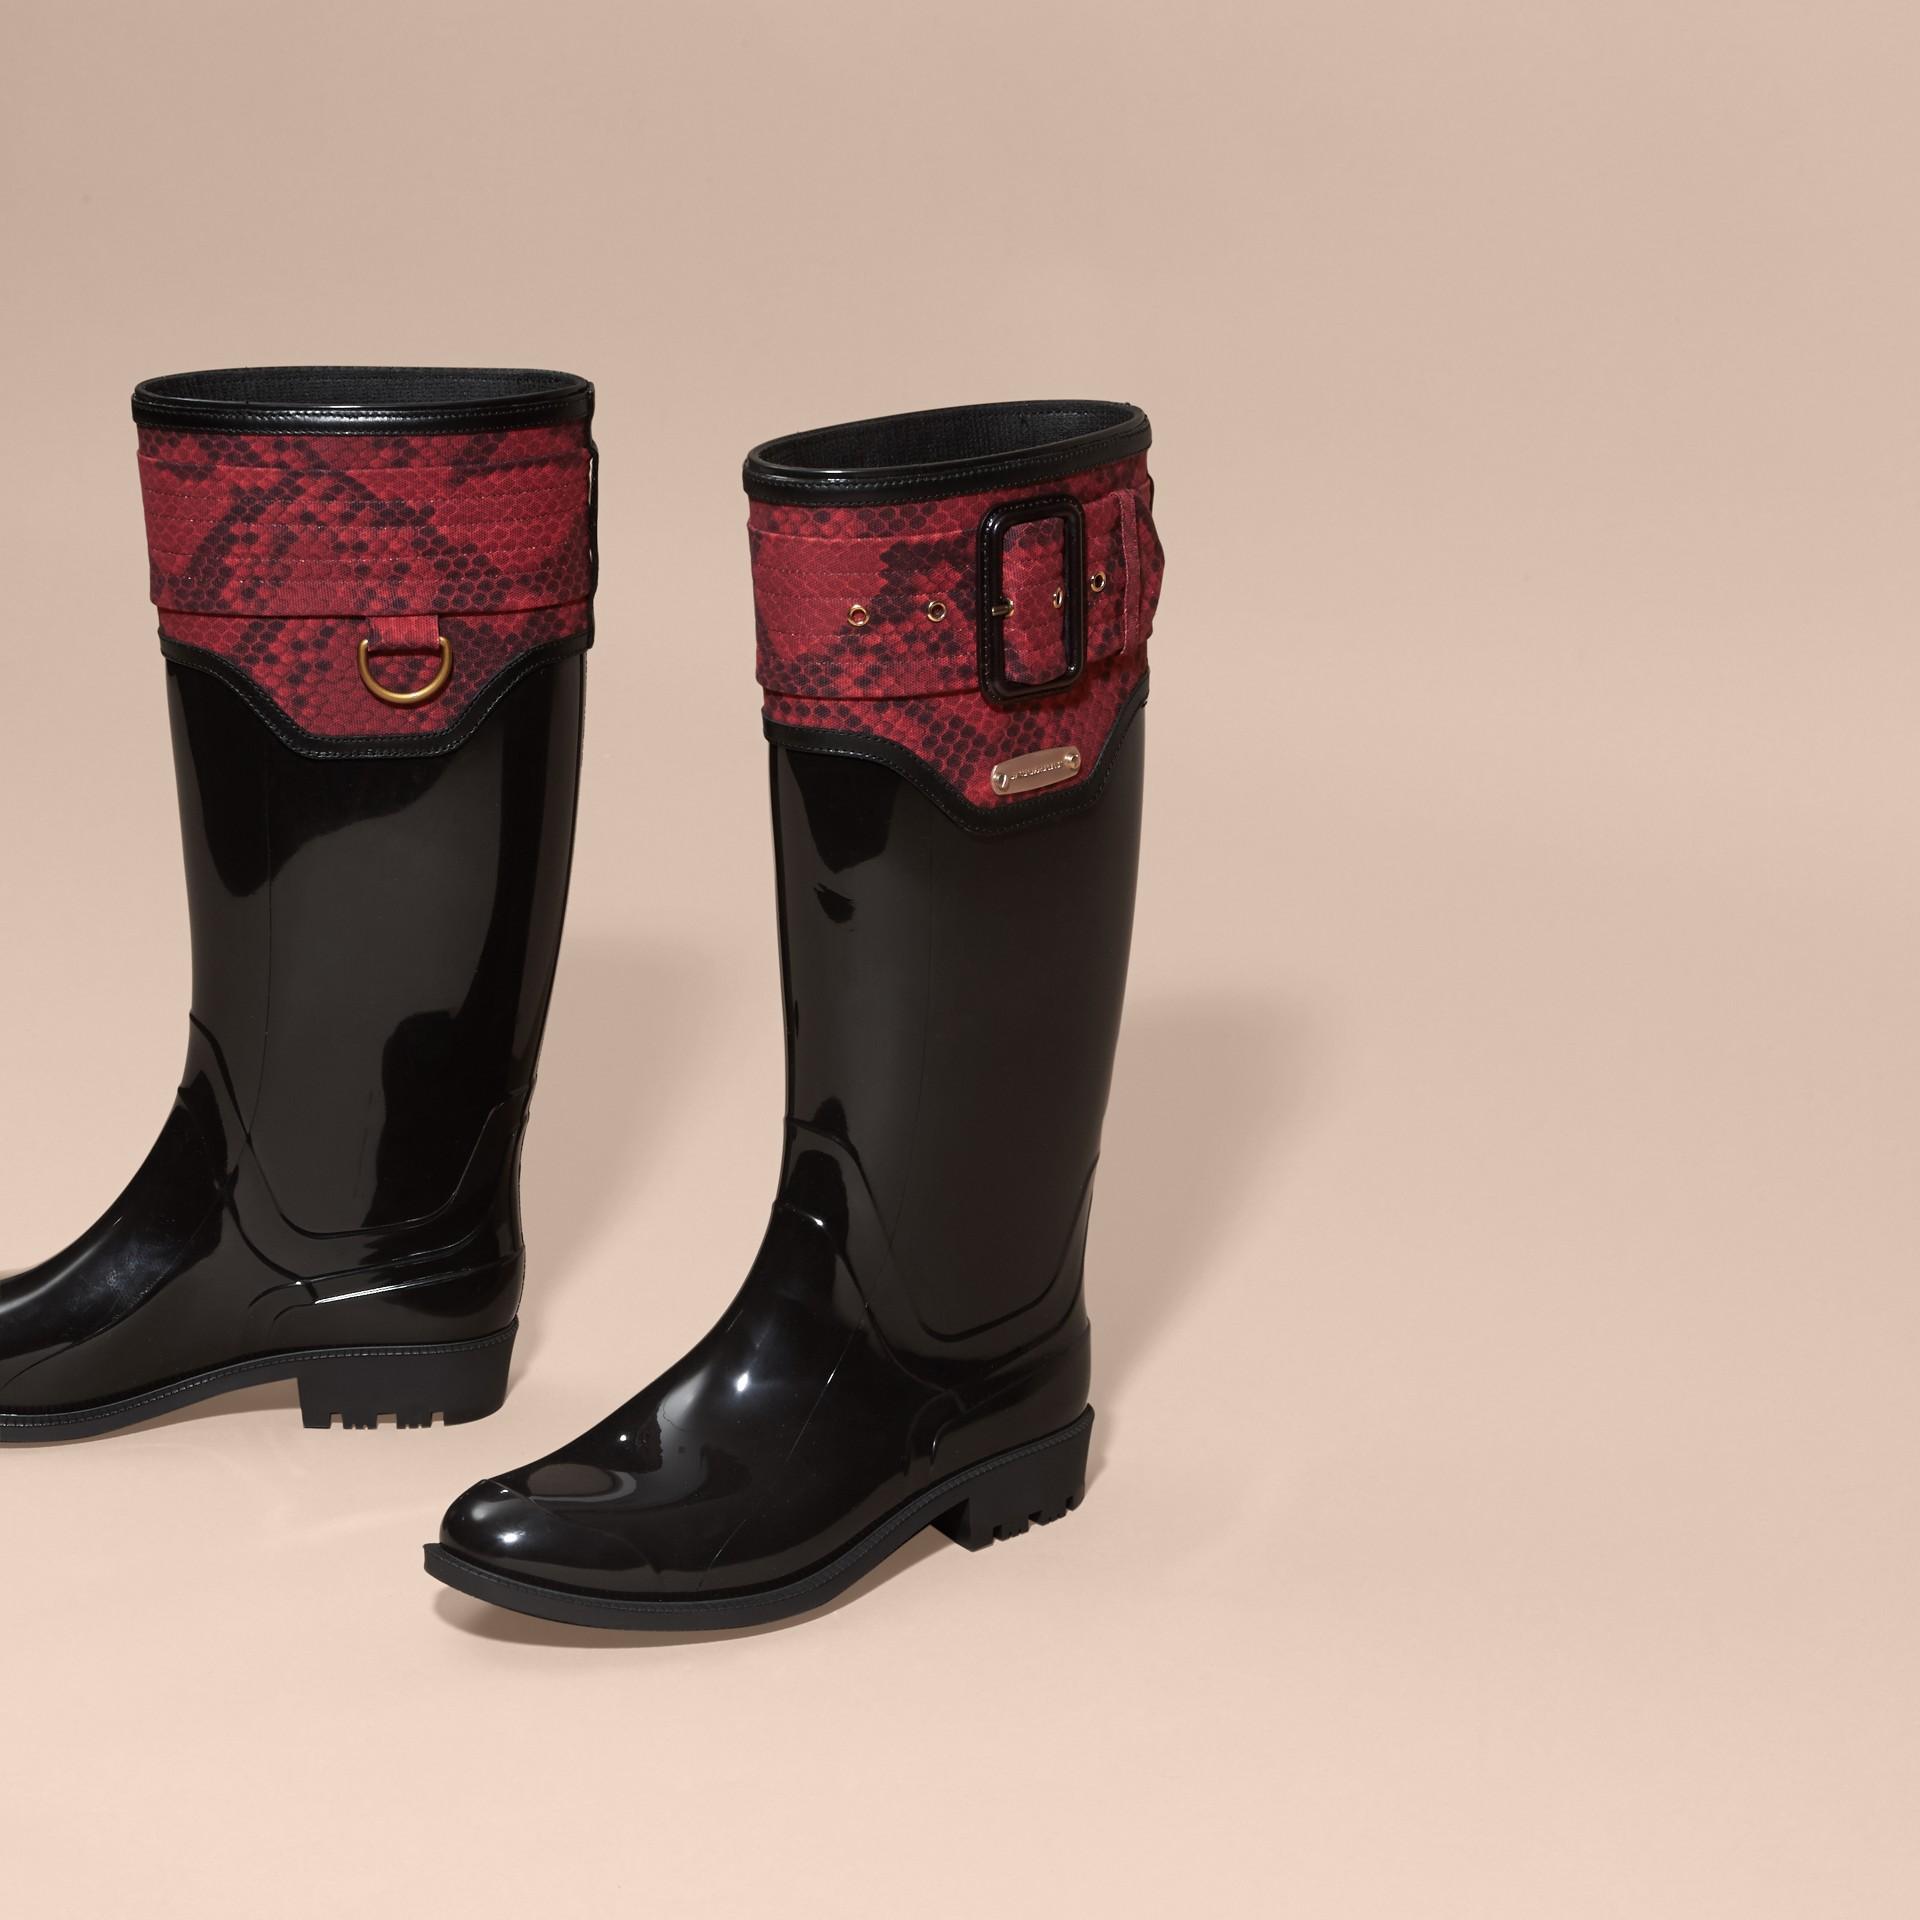 黑色/溫莎紅 蟒紋細節設計雨靴 黑色/溫莎紅 - 圖庫照片 2